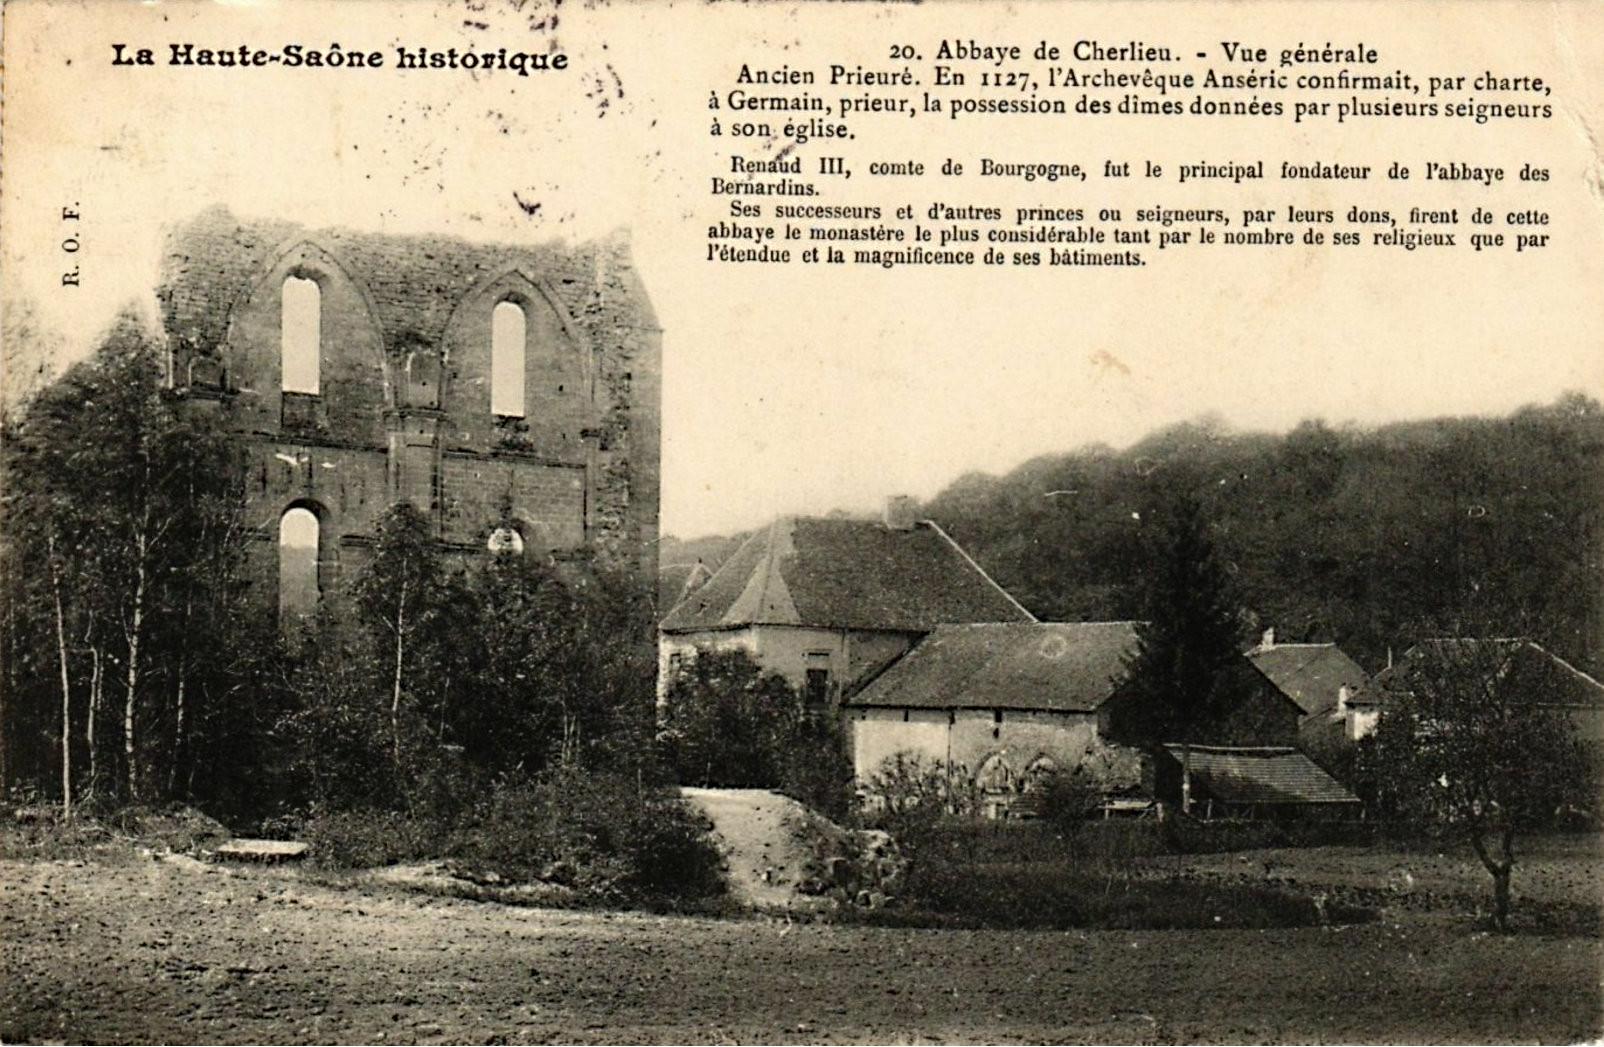 Cherlieu2.jpg